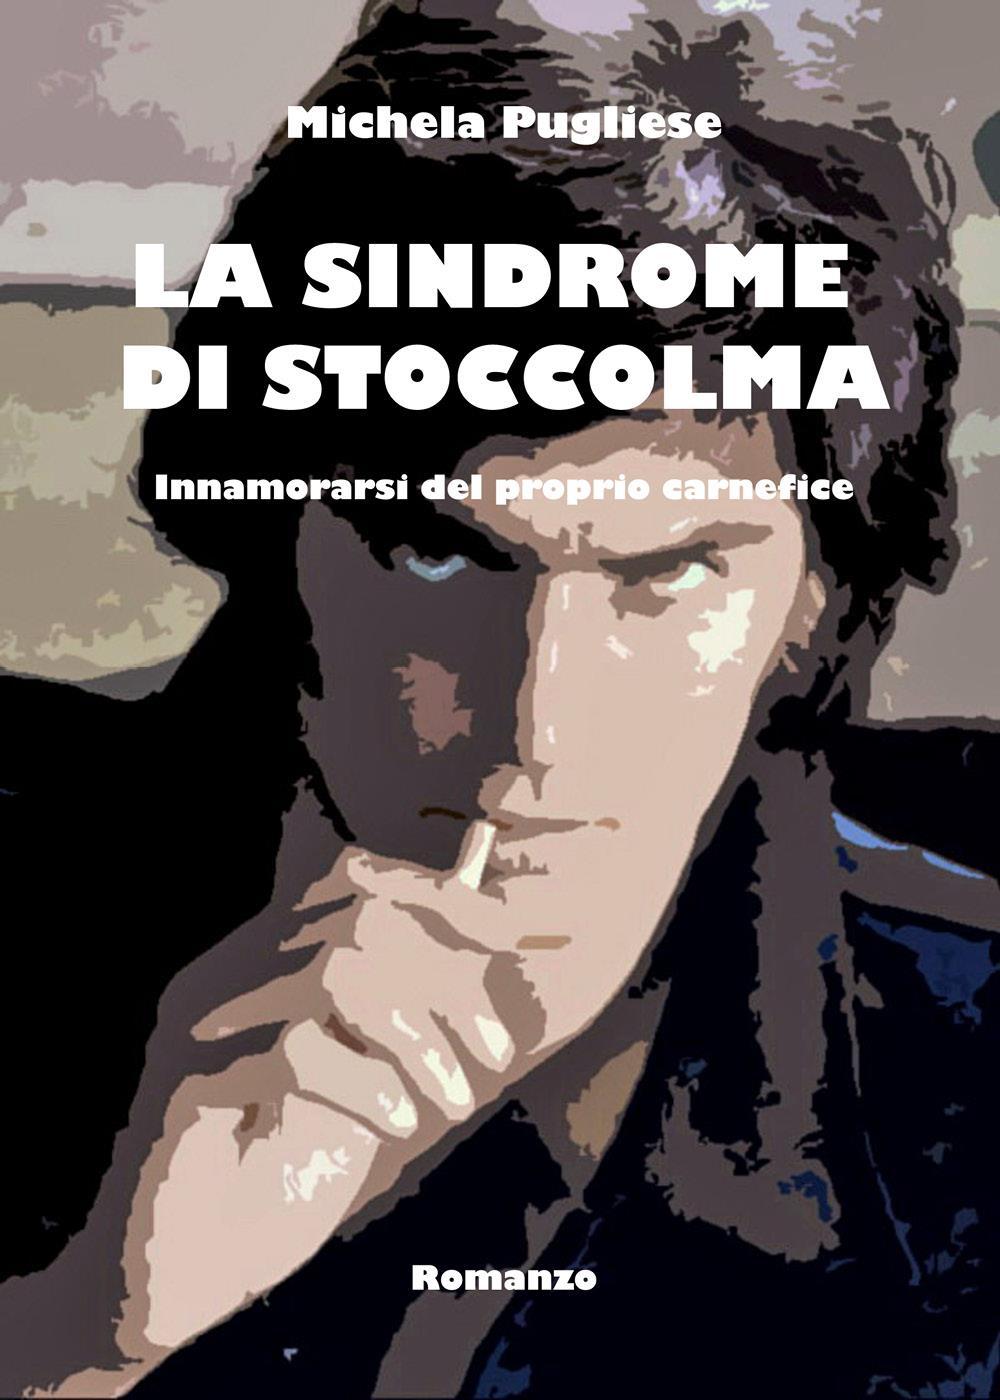 La Sindrome di Stoccolma - innamorarsi del proprio carnefice